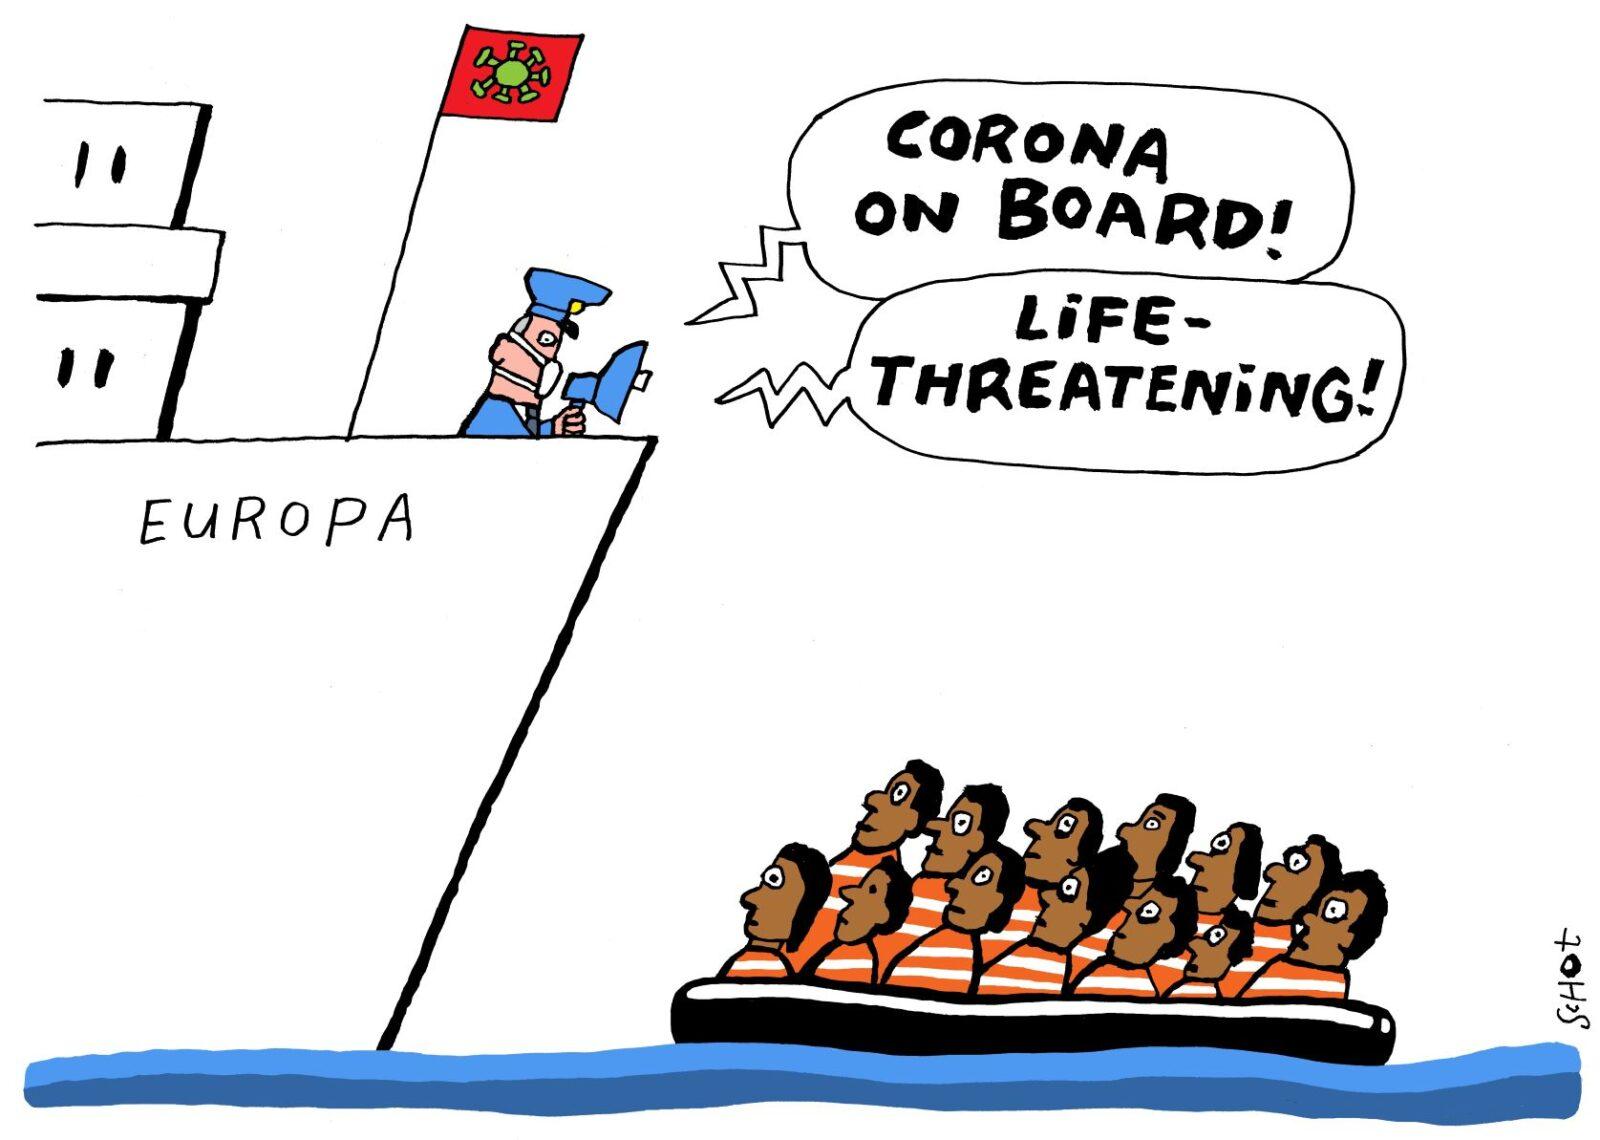 kwestie corona thea hilhorst EN 2 – bas van der schot